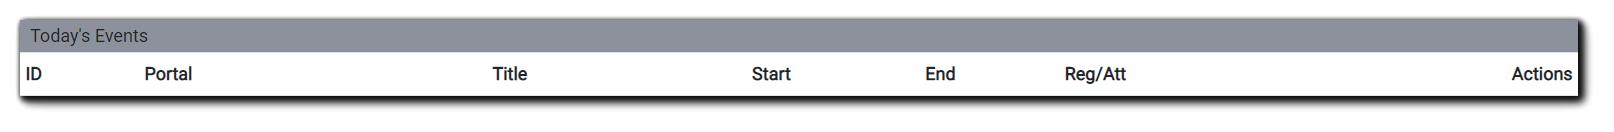 Screenshot: Today's Events widget.